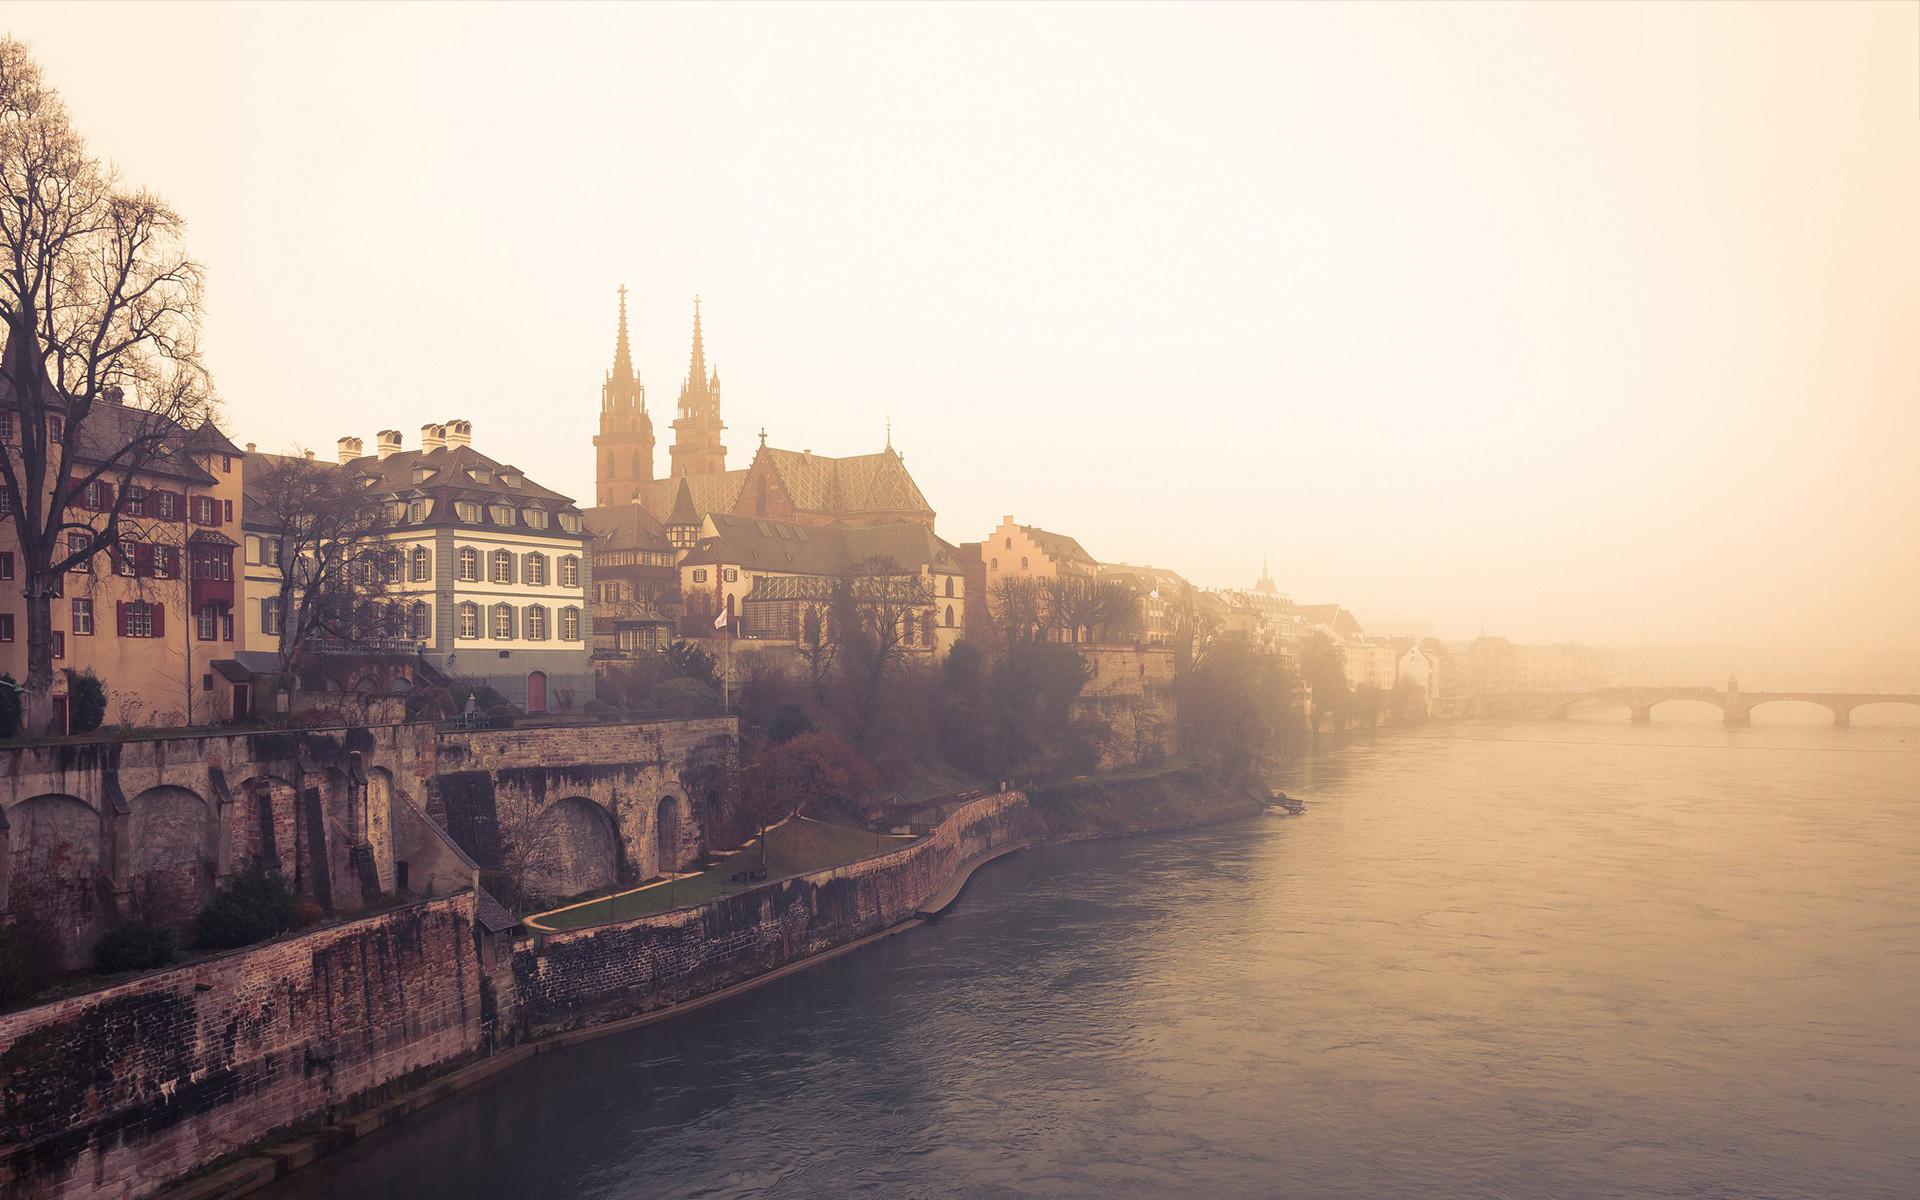 Basel rhine river 7013522 1920x1200